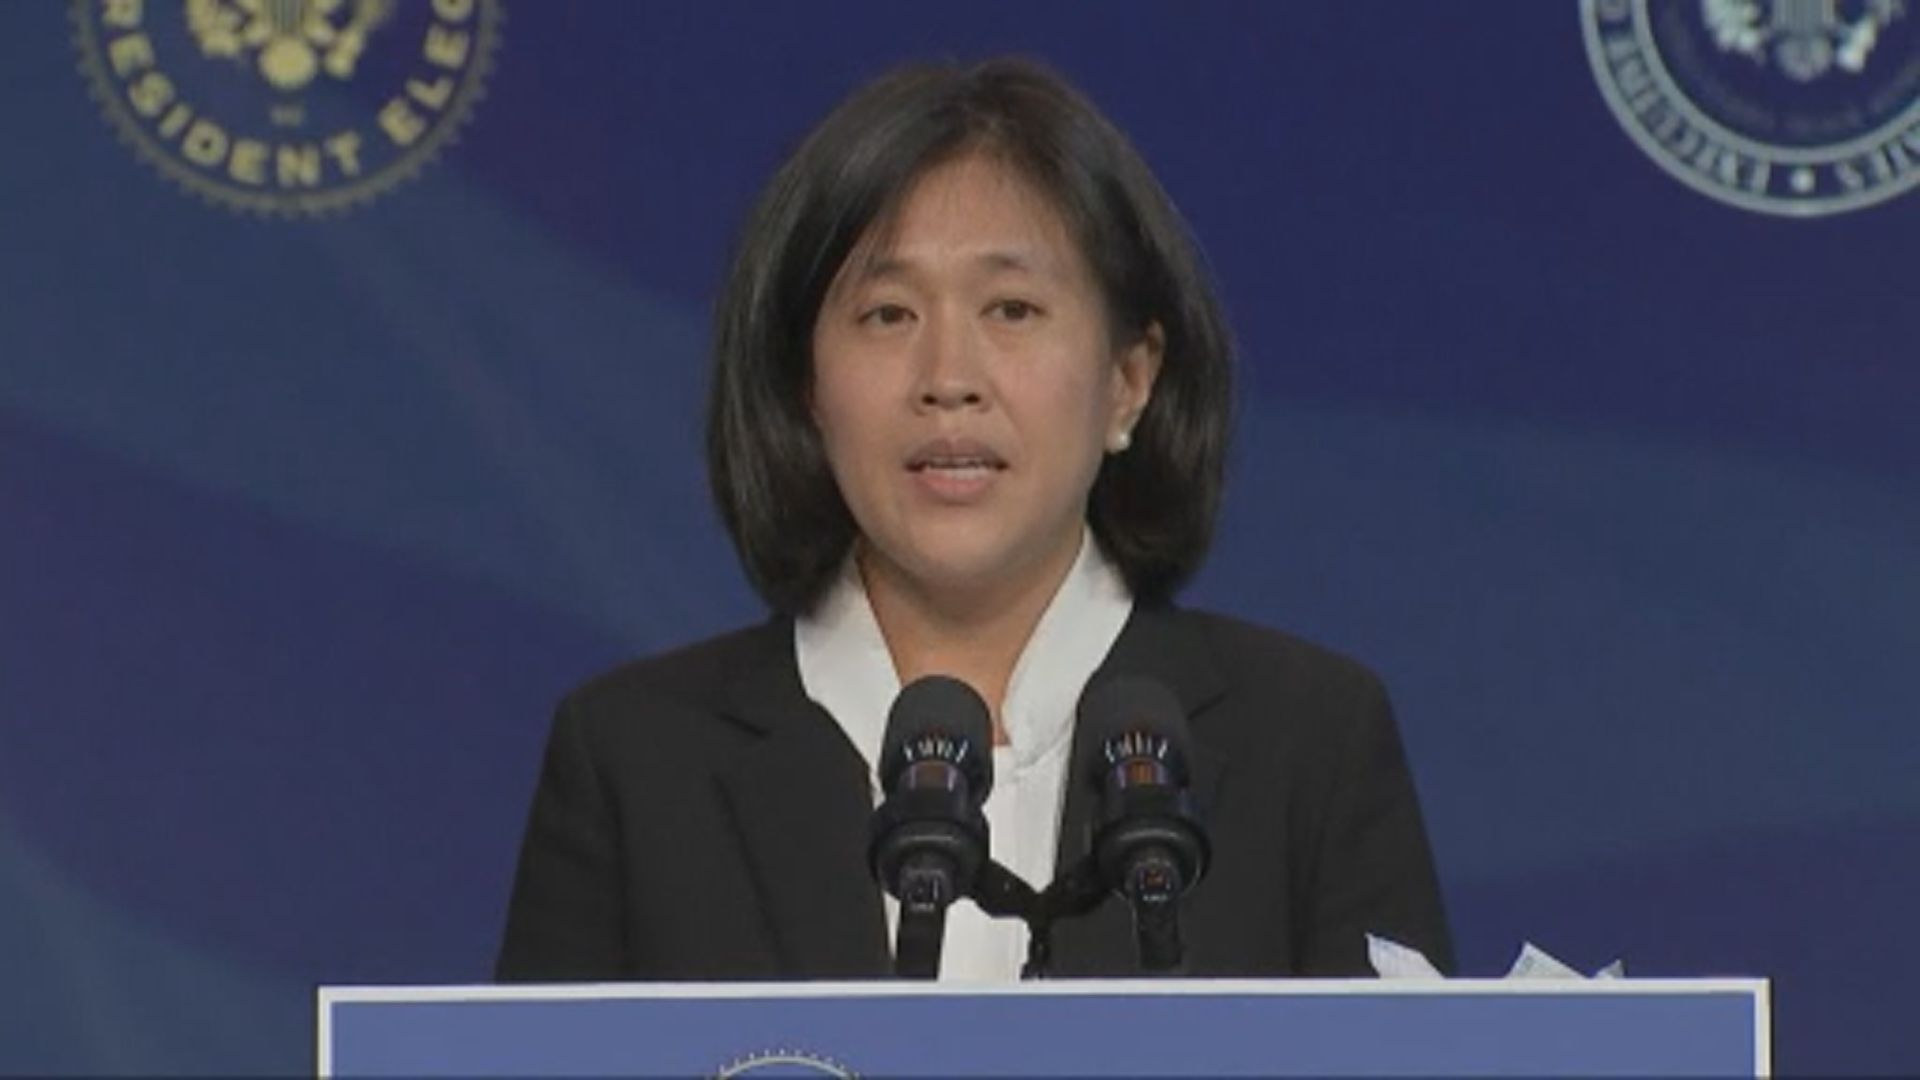 美國貿易代表戴琪將公布美中貿易關係戰略